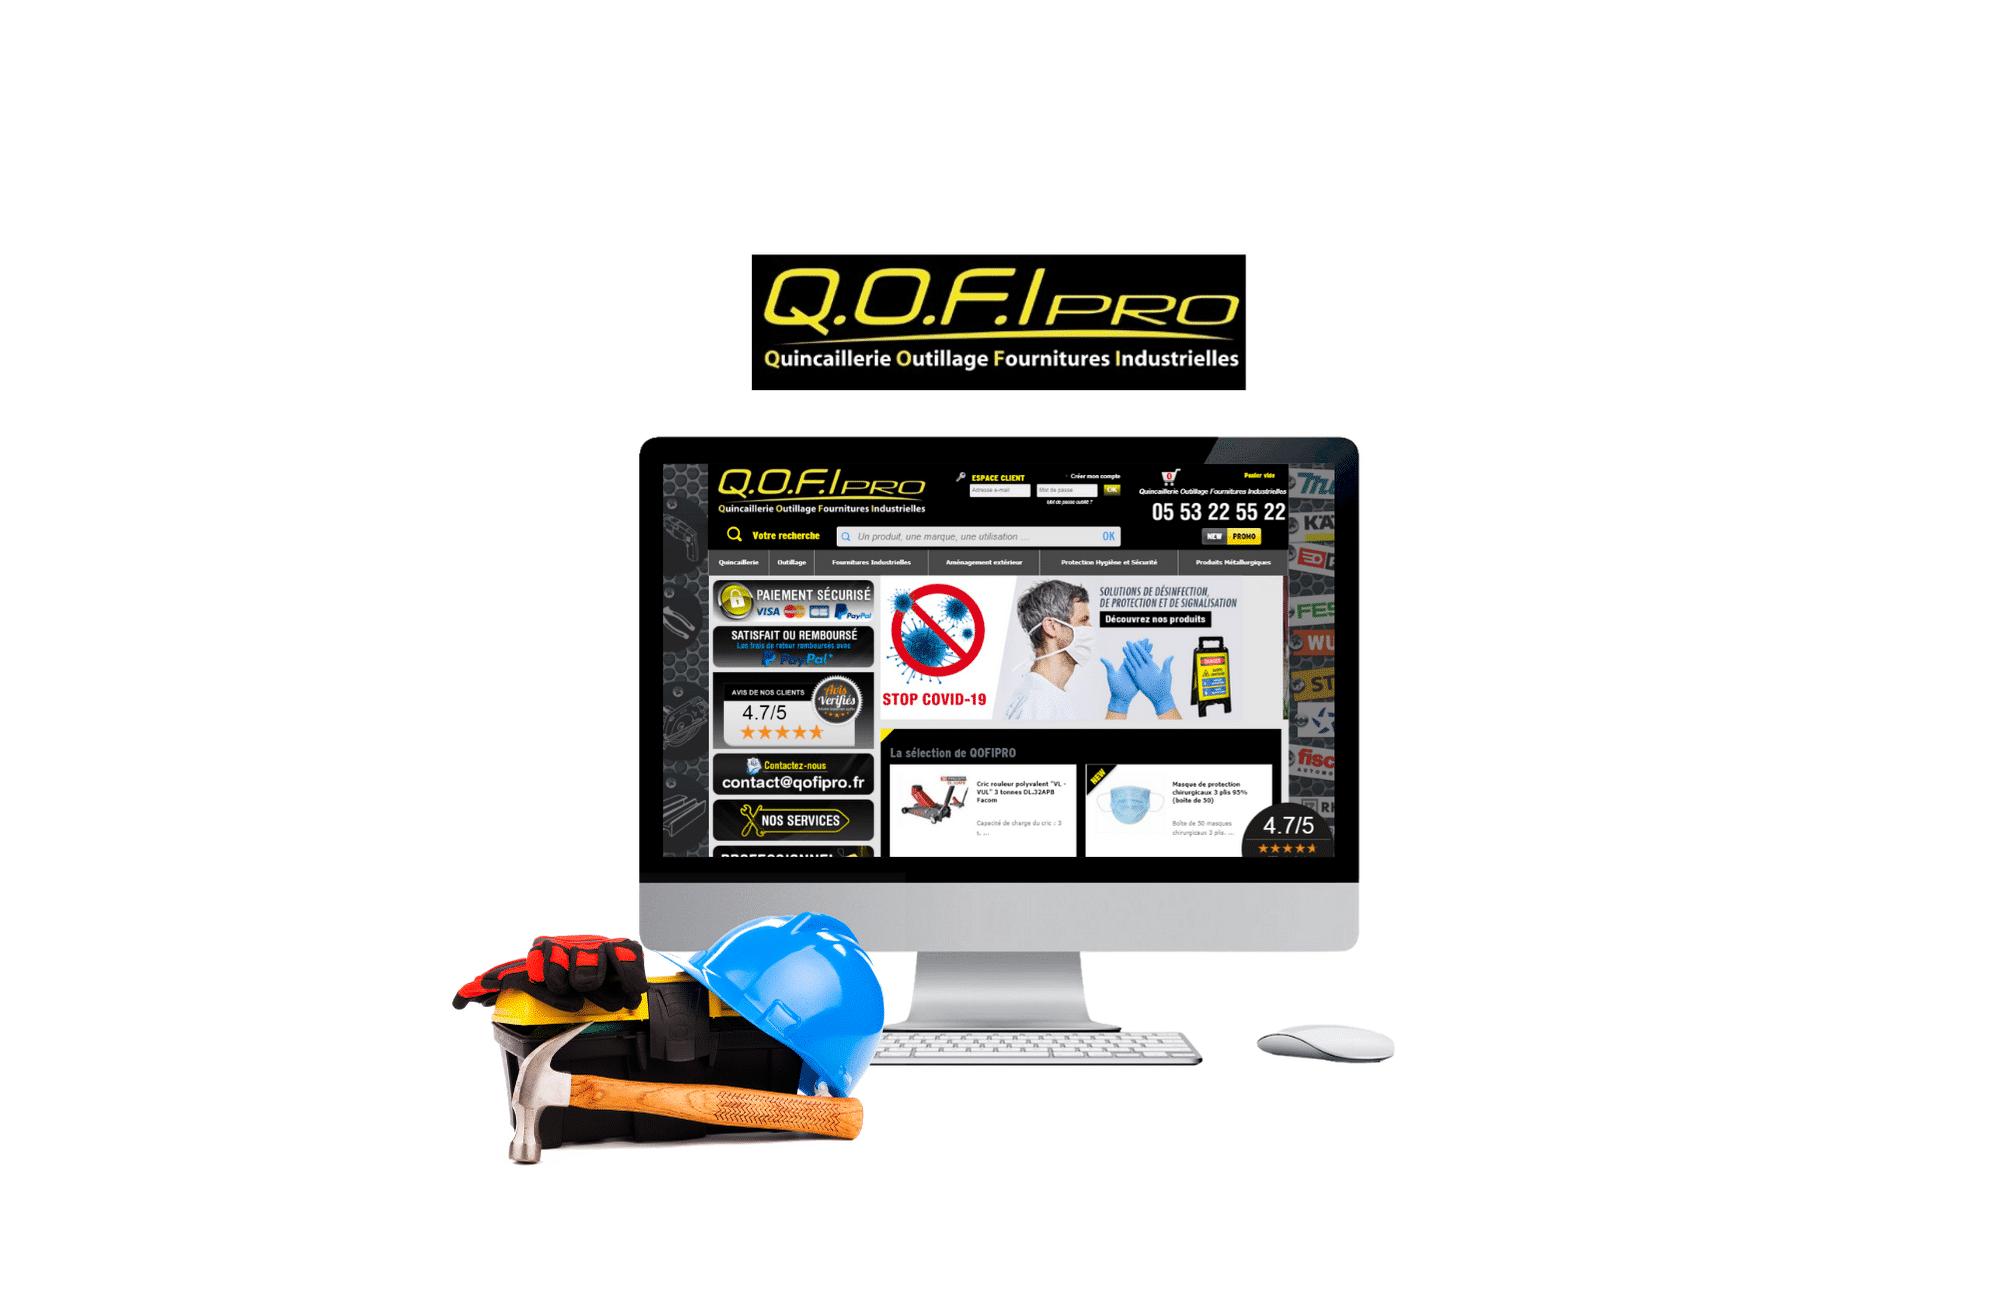 refonte site web DOMPRO - qofipro